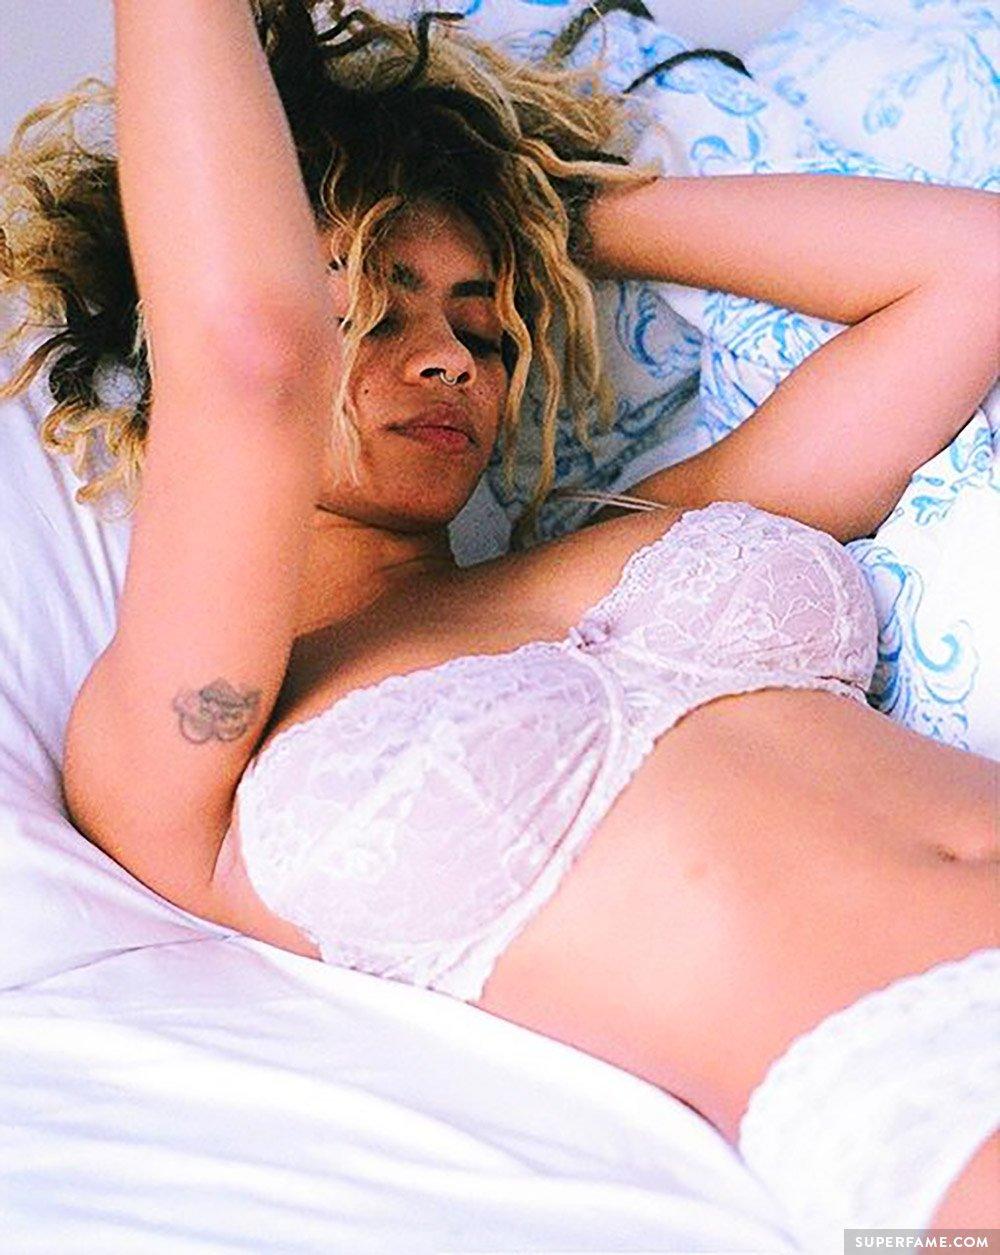 Taylor Giavasis nude?